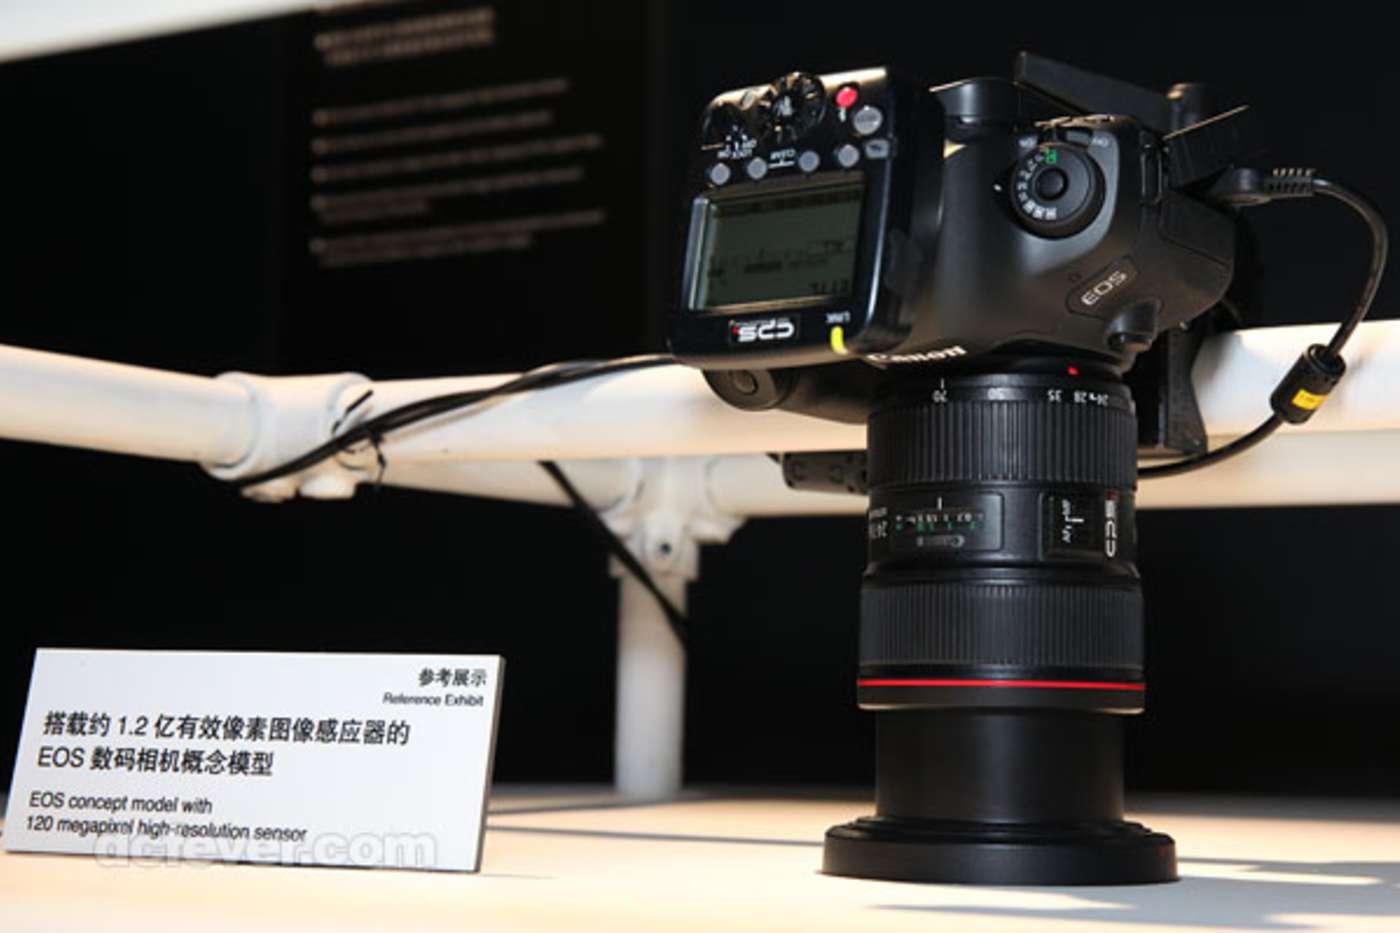 Canon 120 MP camera